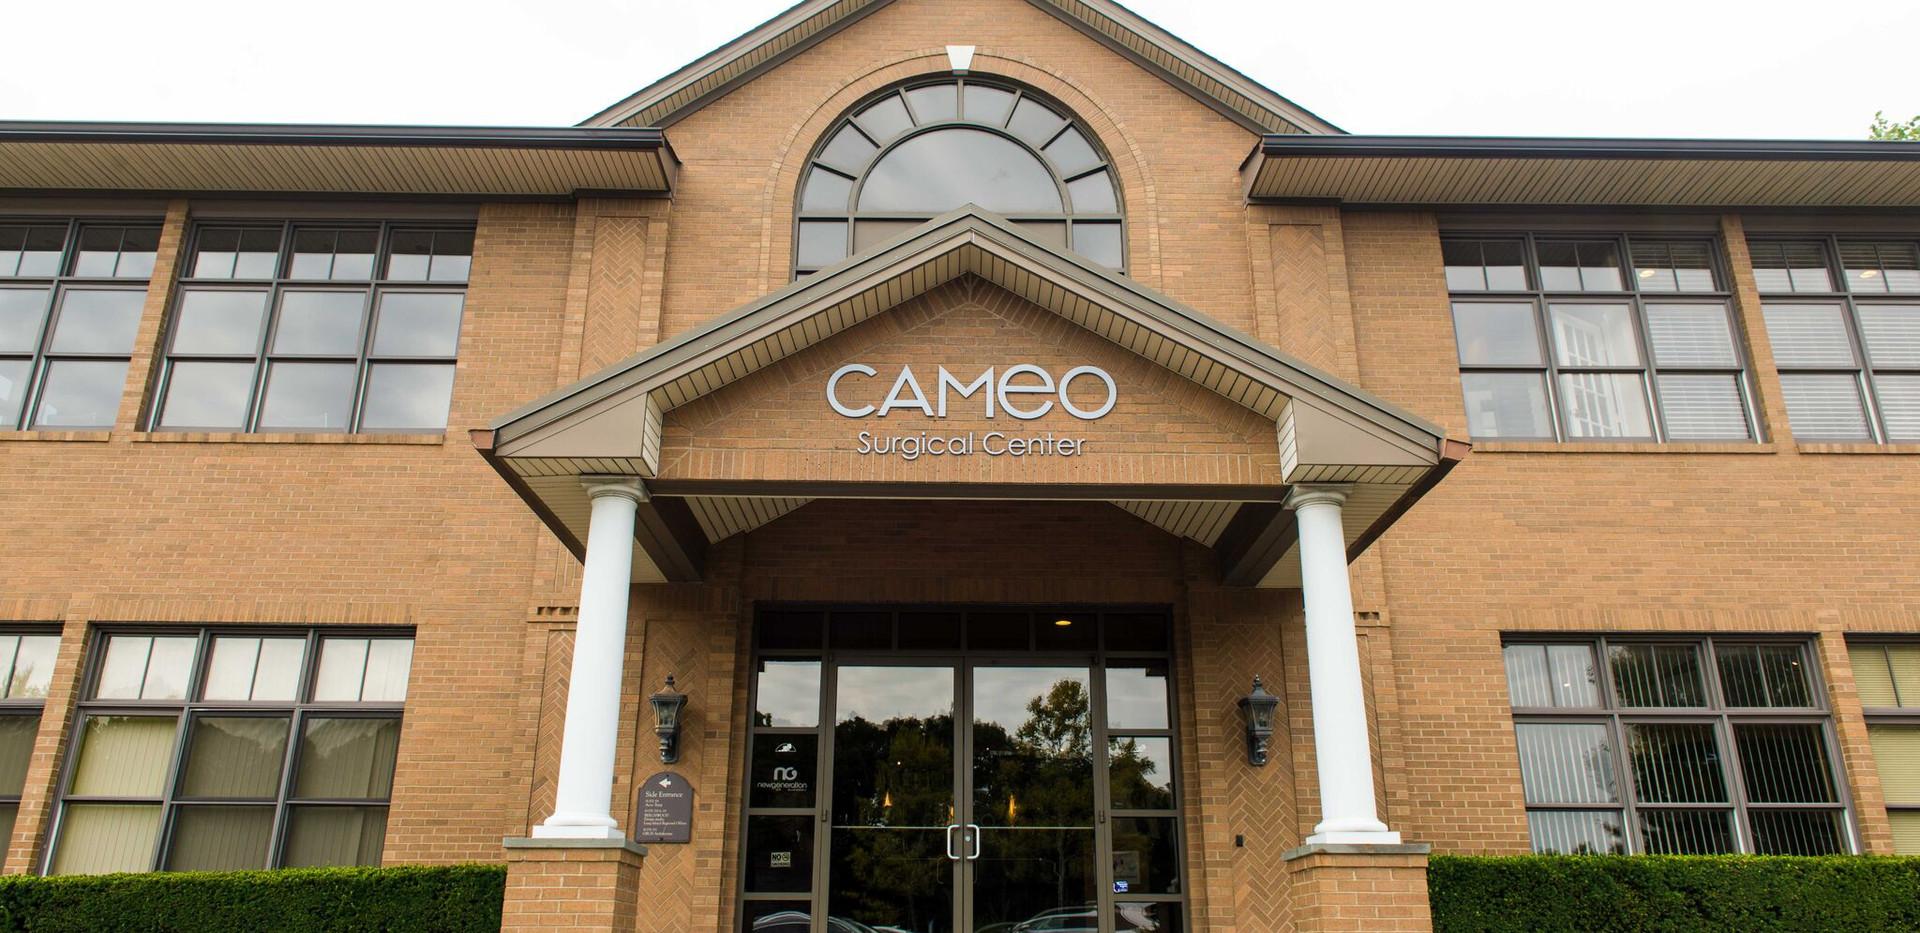 Cameo Building